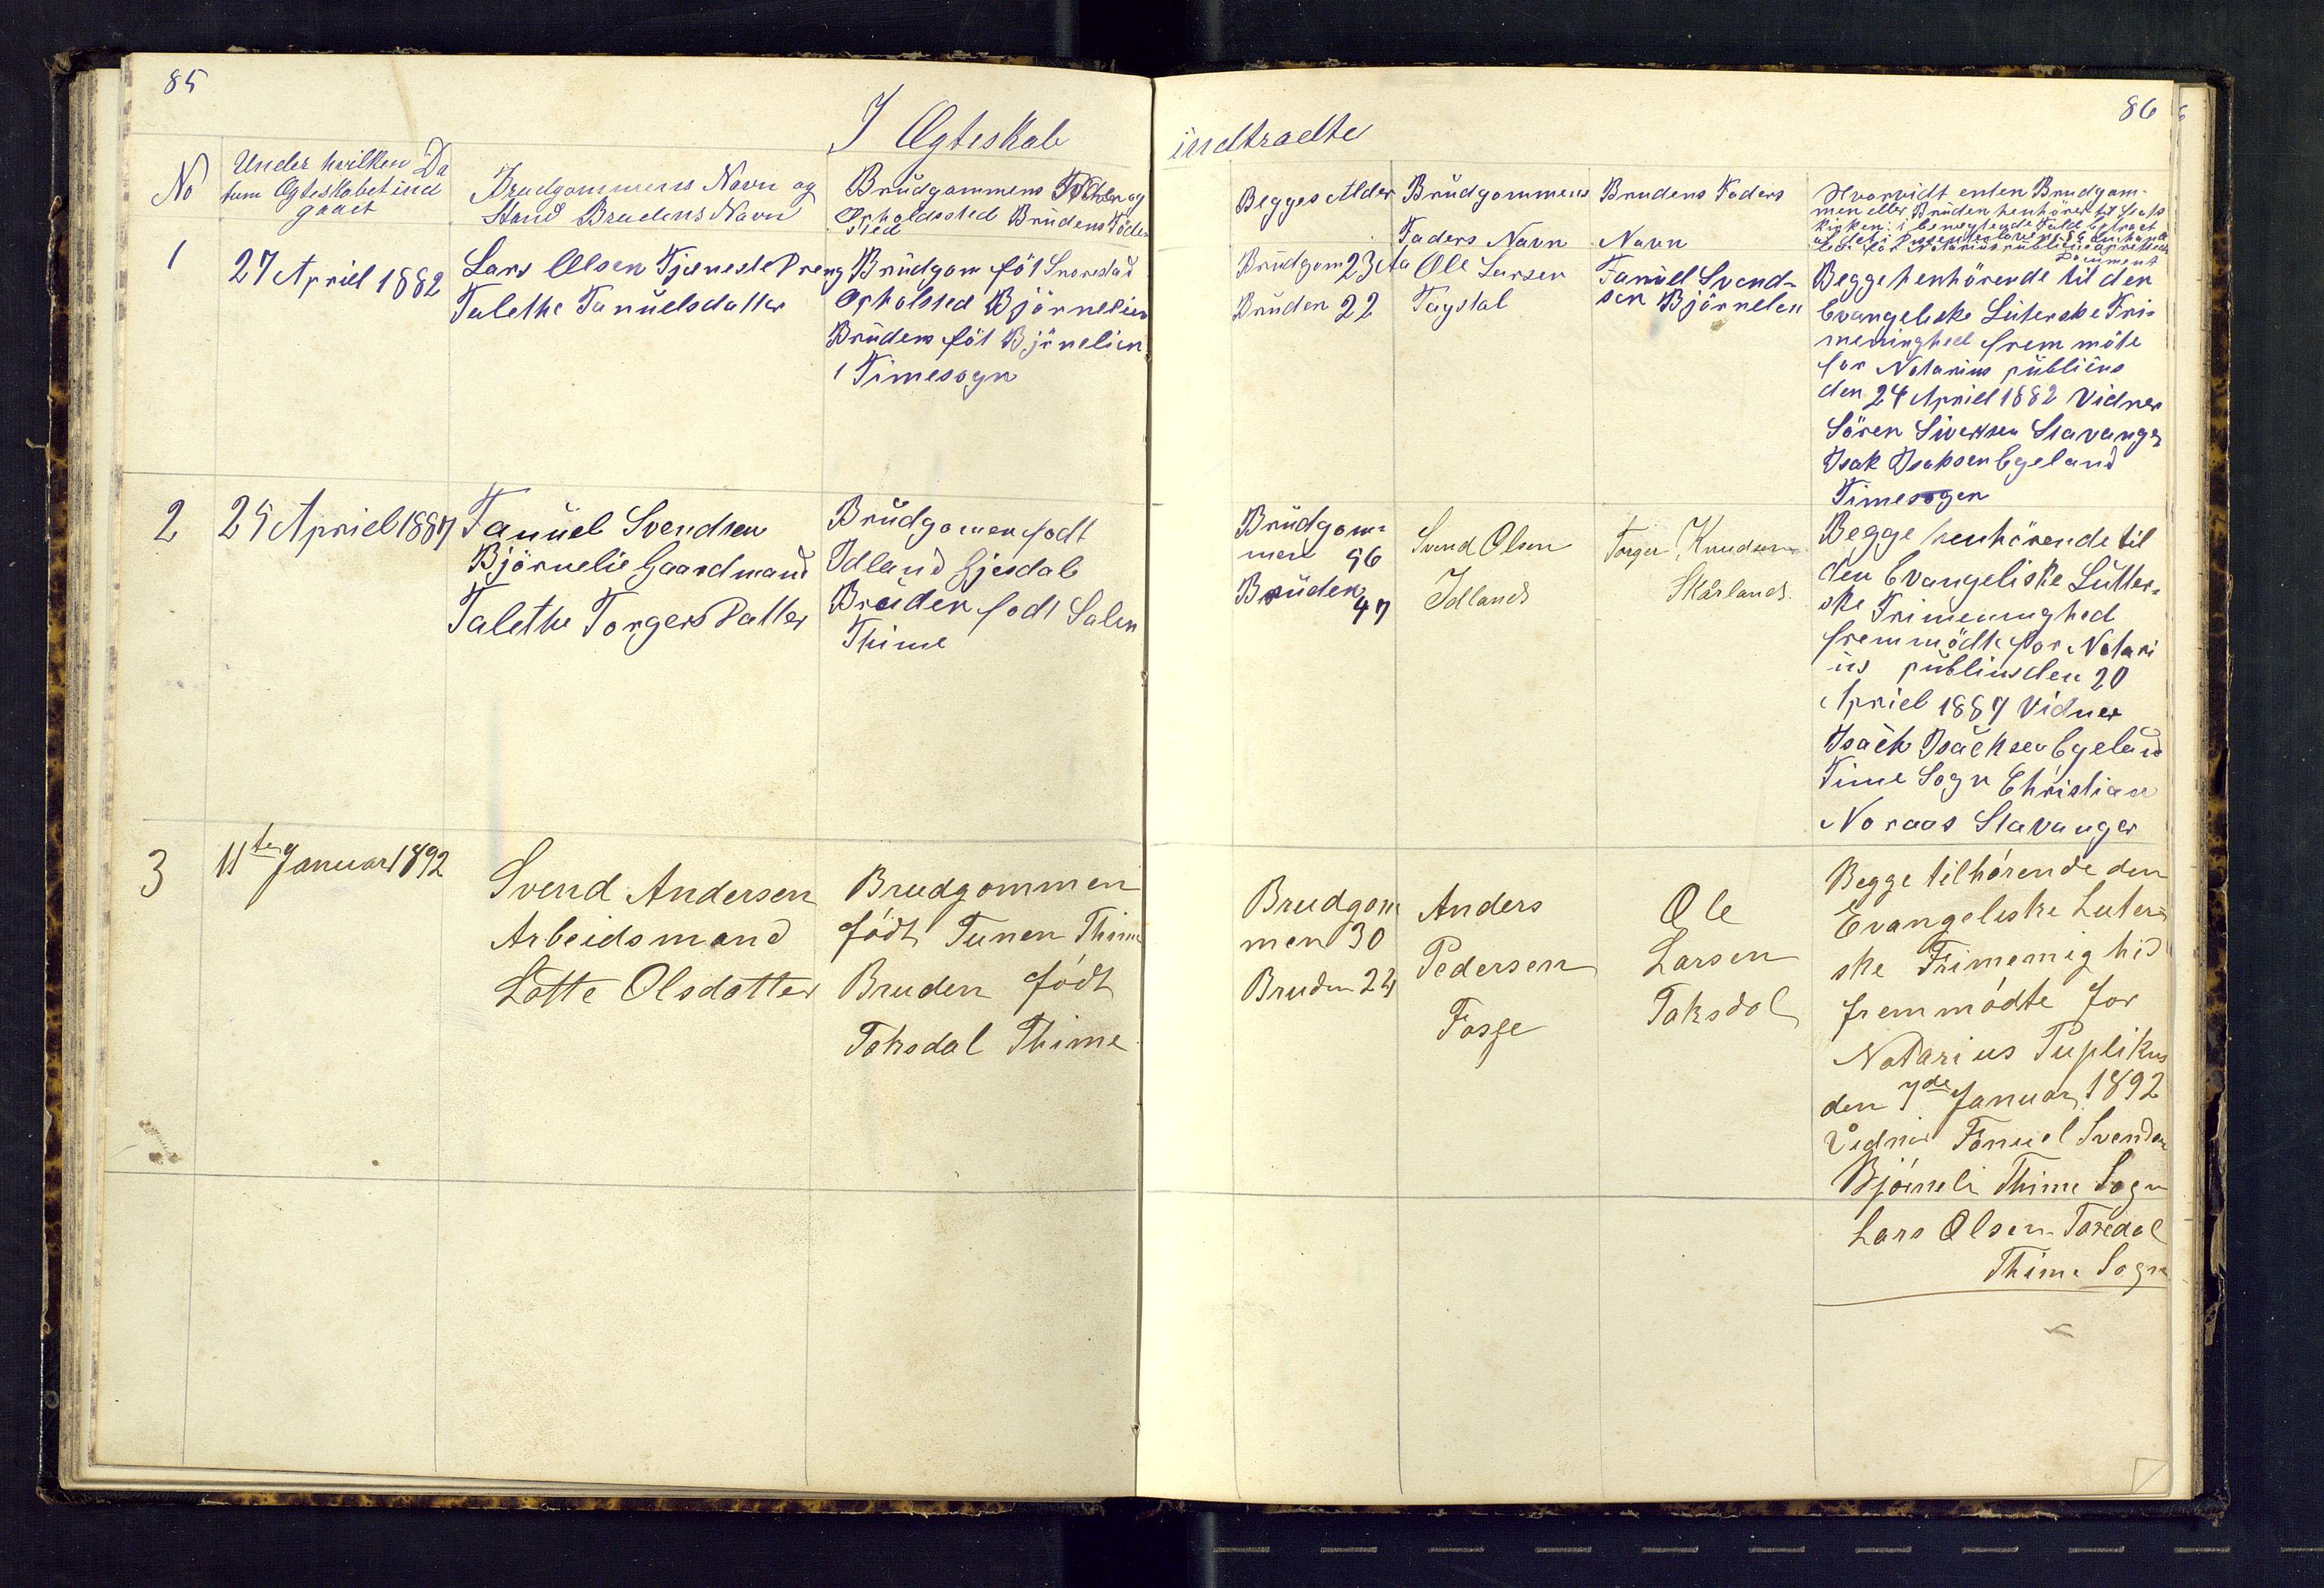 SAST, Den evangeliske lutherske frimenighet (SAS), Dissenterprotokoll nr. 1, 1881-1912, s. 85-86